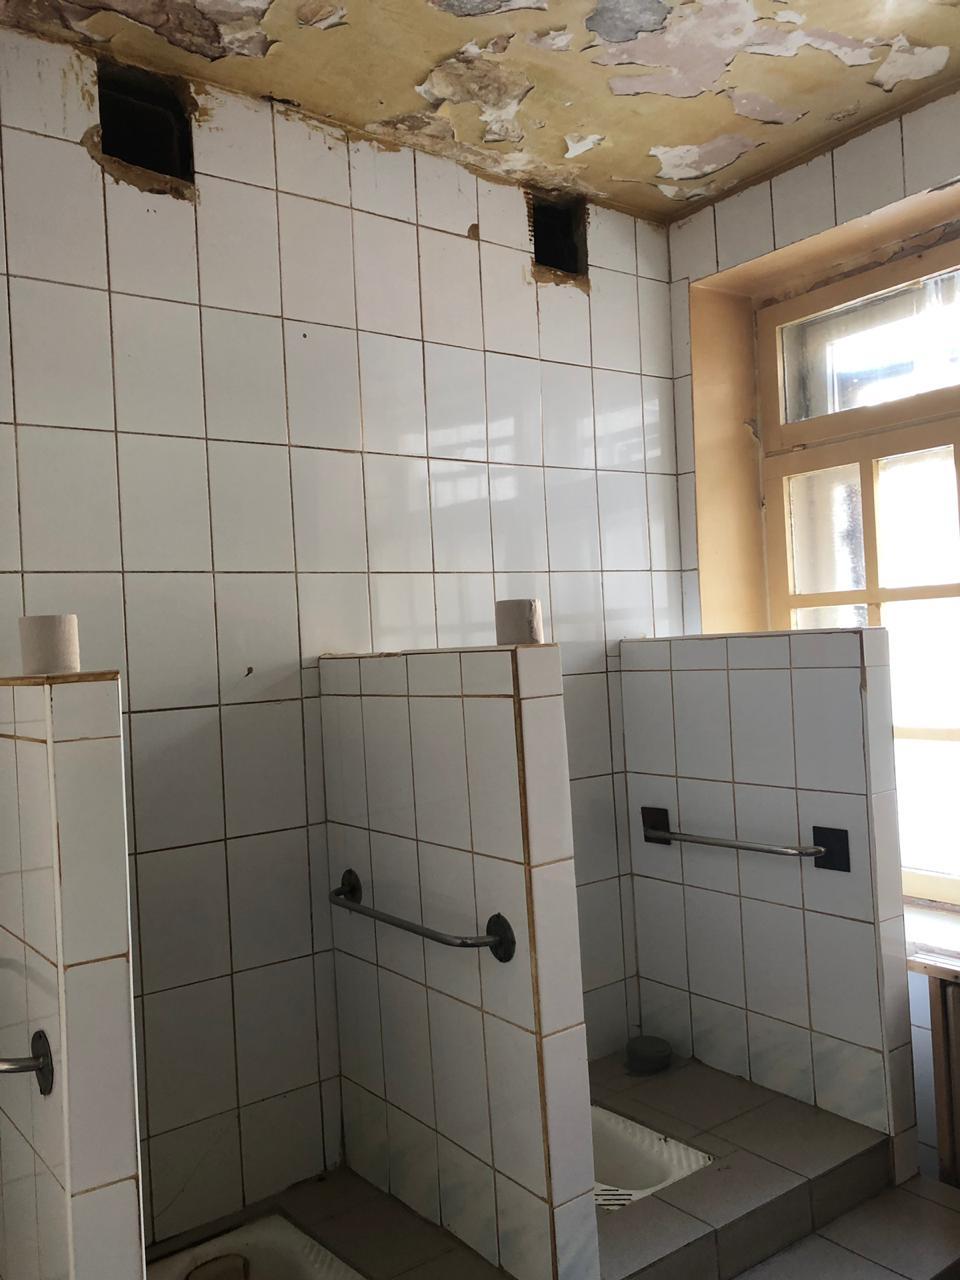 Обвалившийся потолок и плесень: омбудсмен проверила больницу